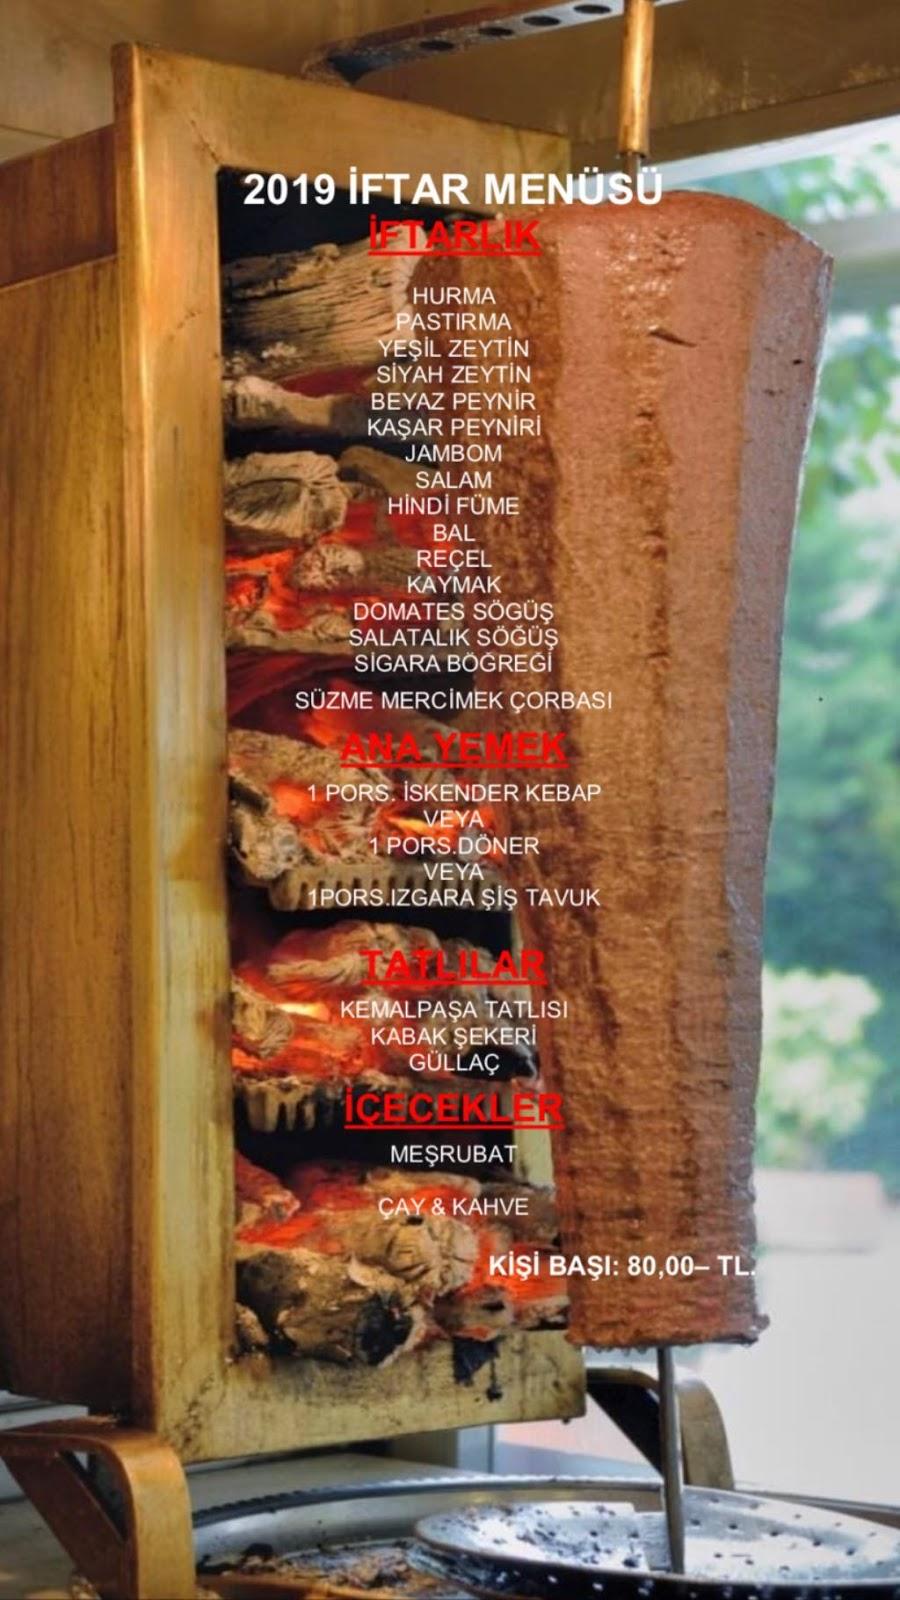 beşiktaş levent iftar mekanları beşiktaş levent iftar menüleri beşiktaş iftar mekanları 2019 beşiktaş iftar fırsatları